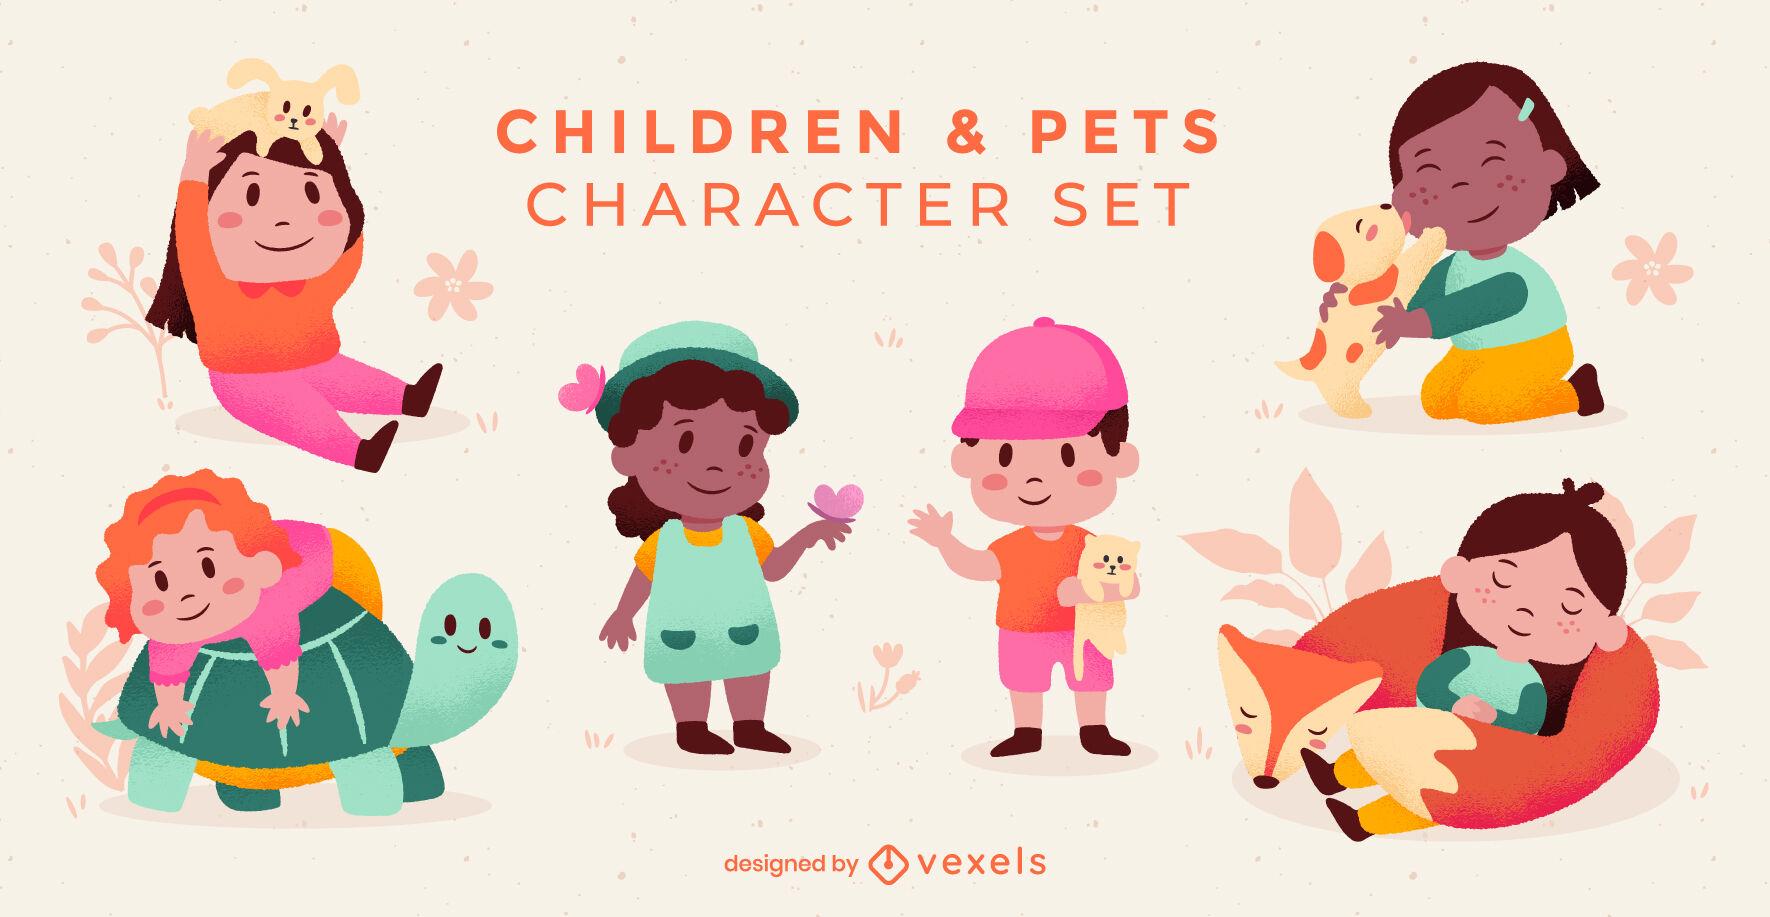 Zeichensatz für Kinder und Haustiere